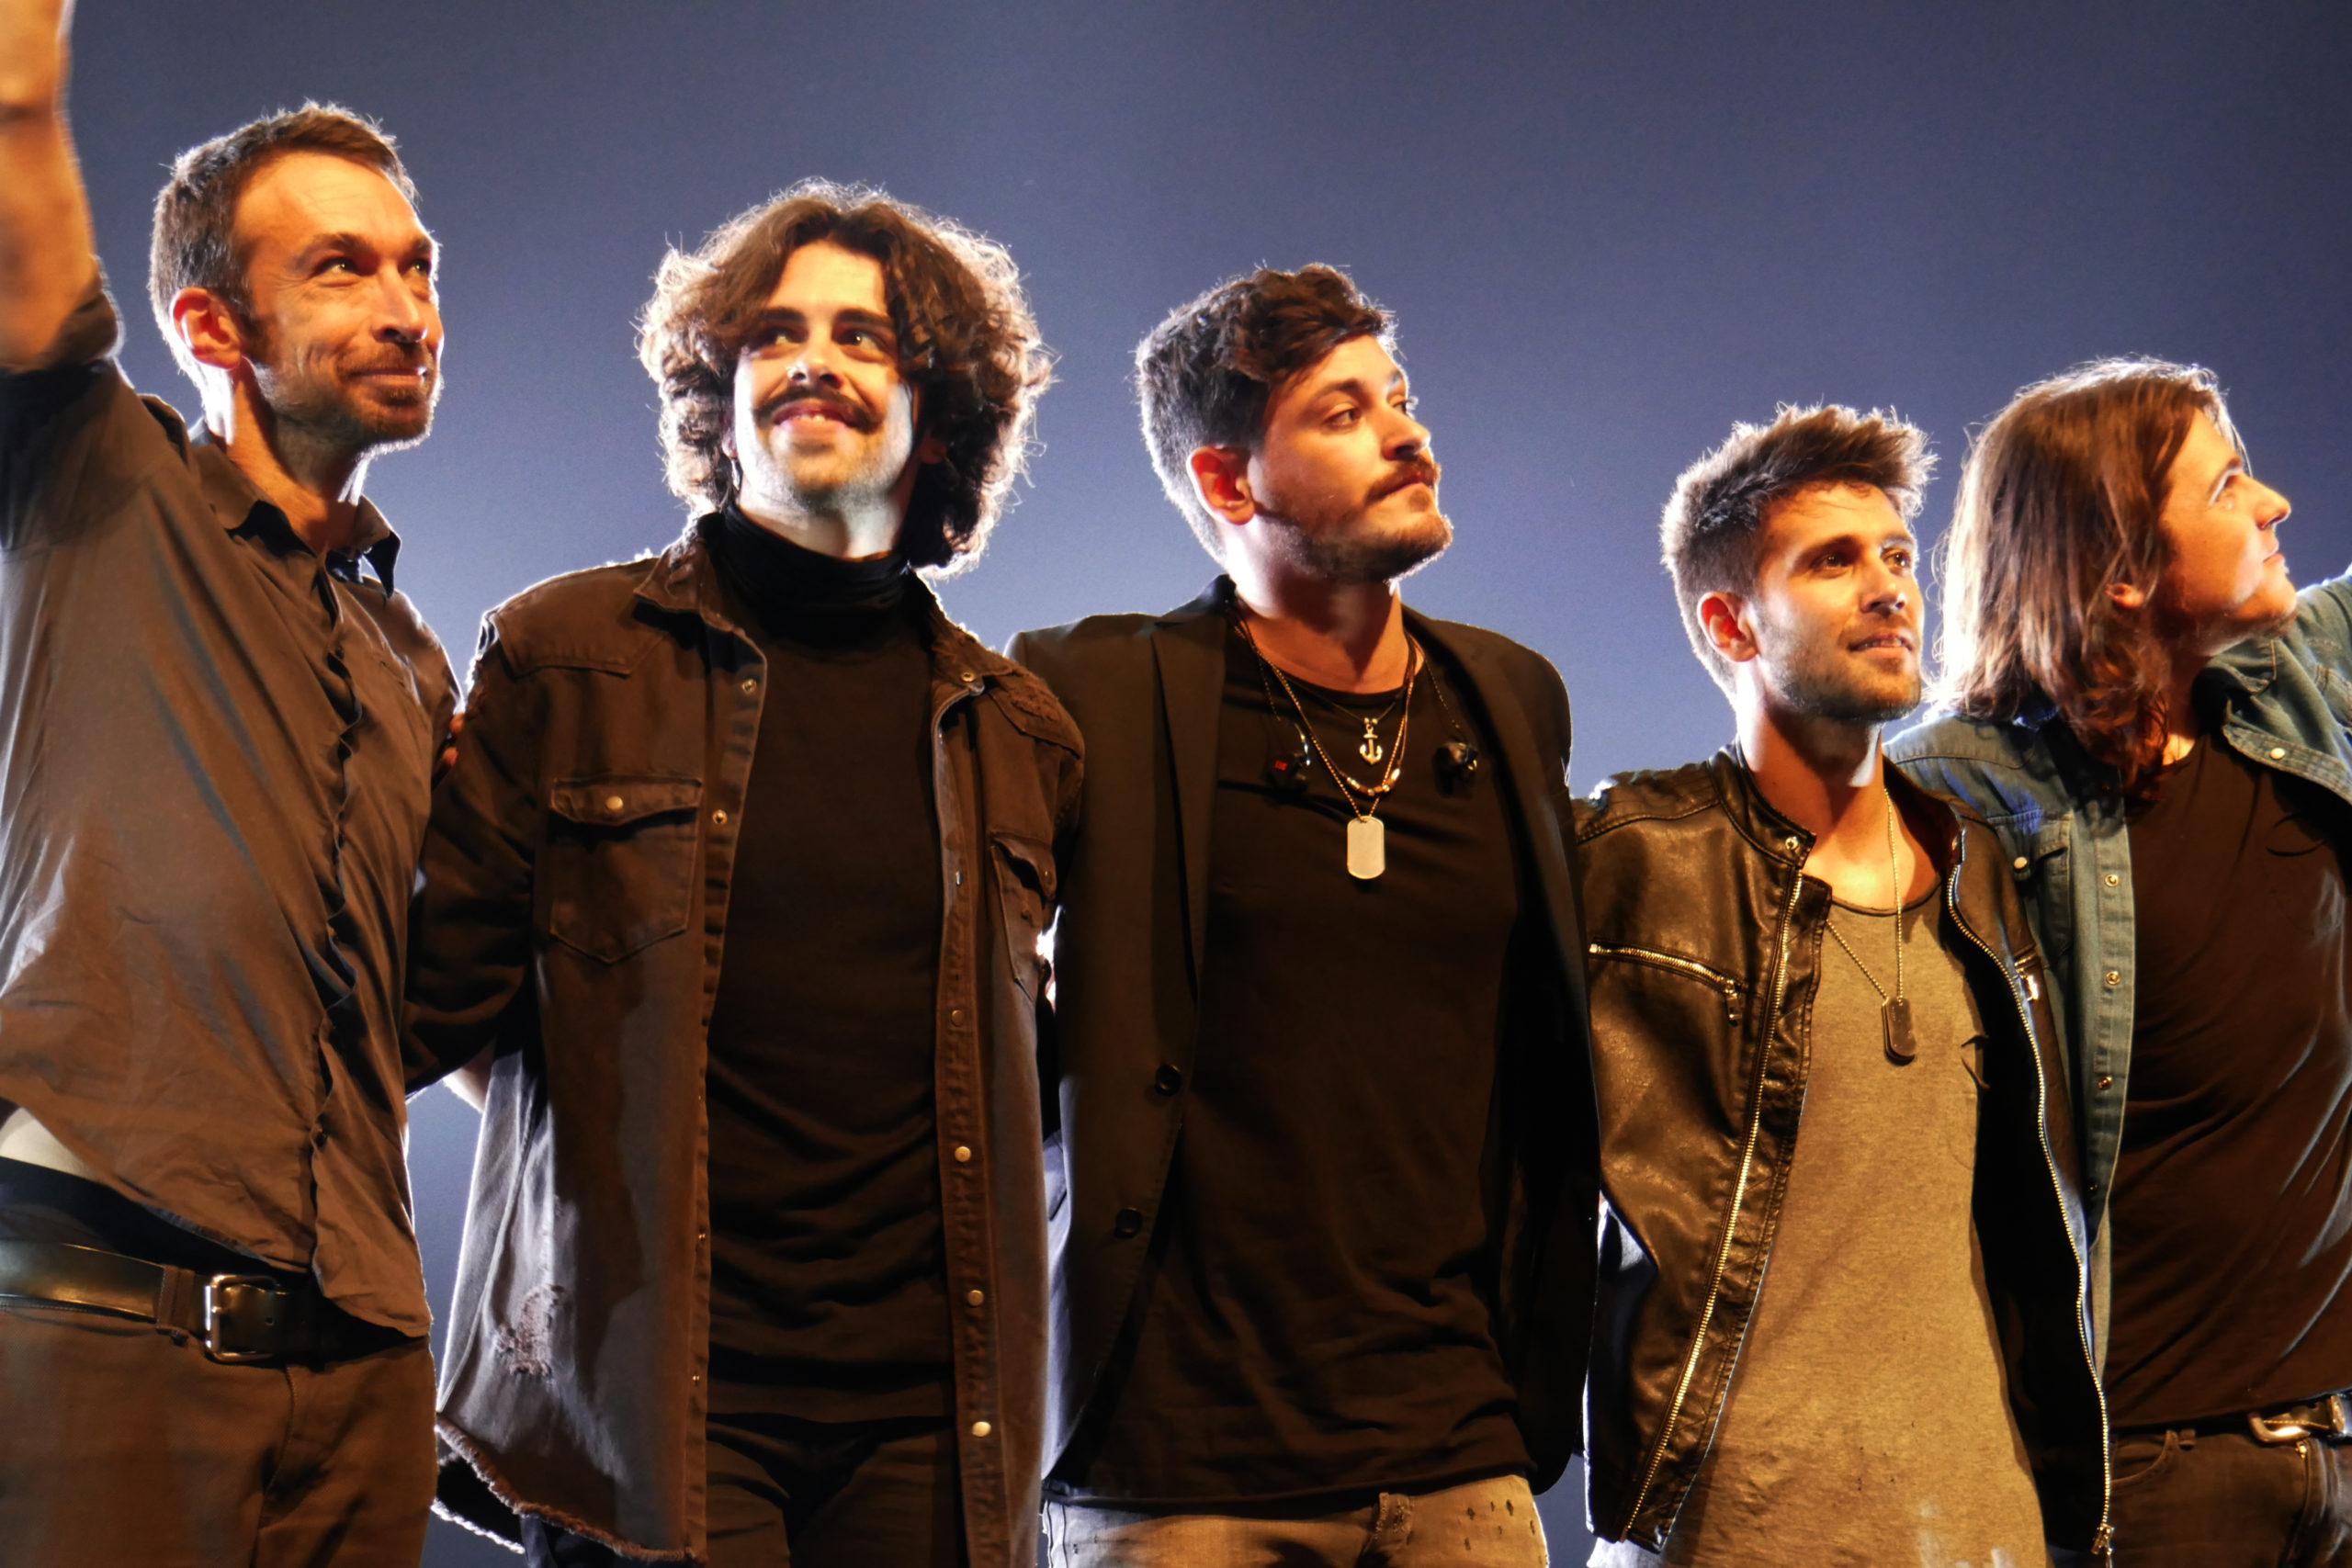 Cepeda y su banda tras un concierto. De izquierda a derecha: Ramón Argall, Iván Herzog, Cepeda, Diego Cartón y Rubén Alcázar.